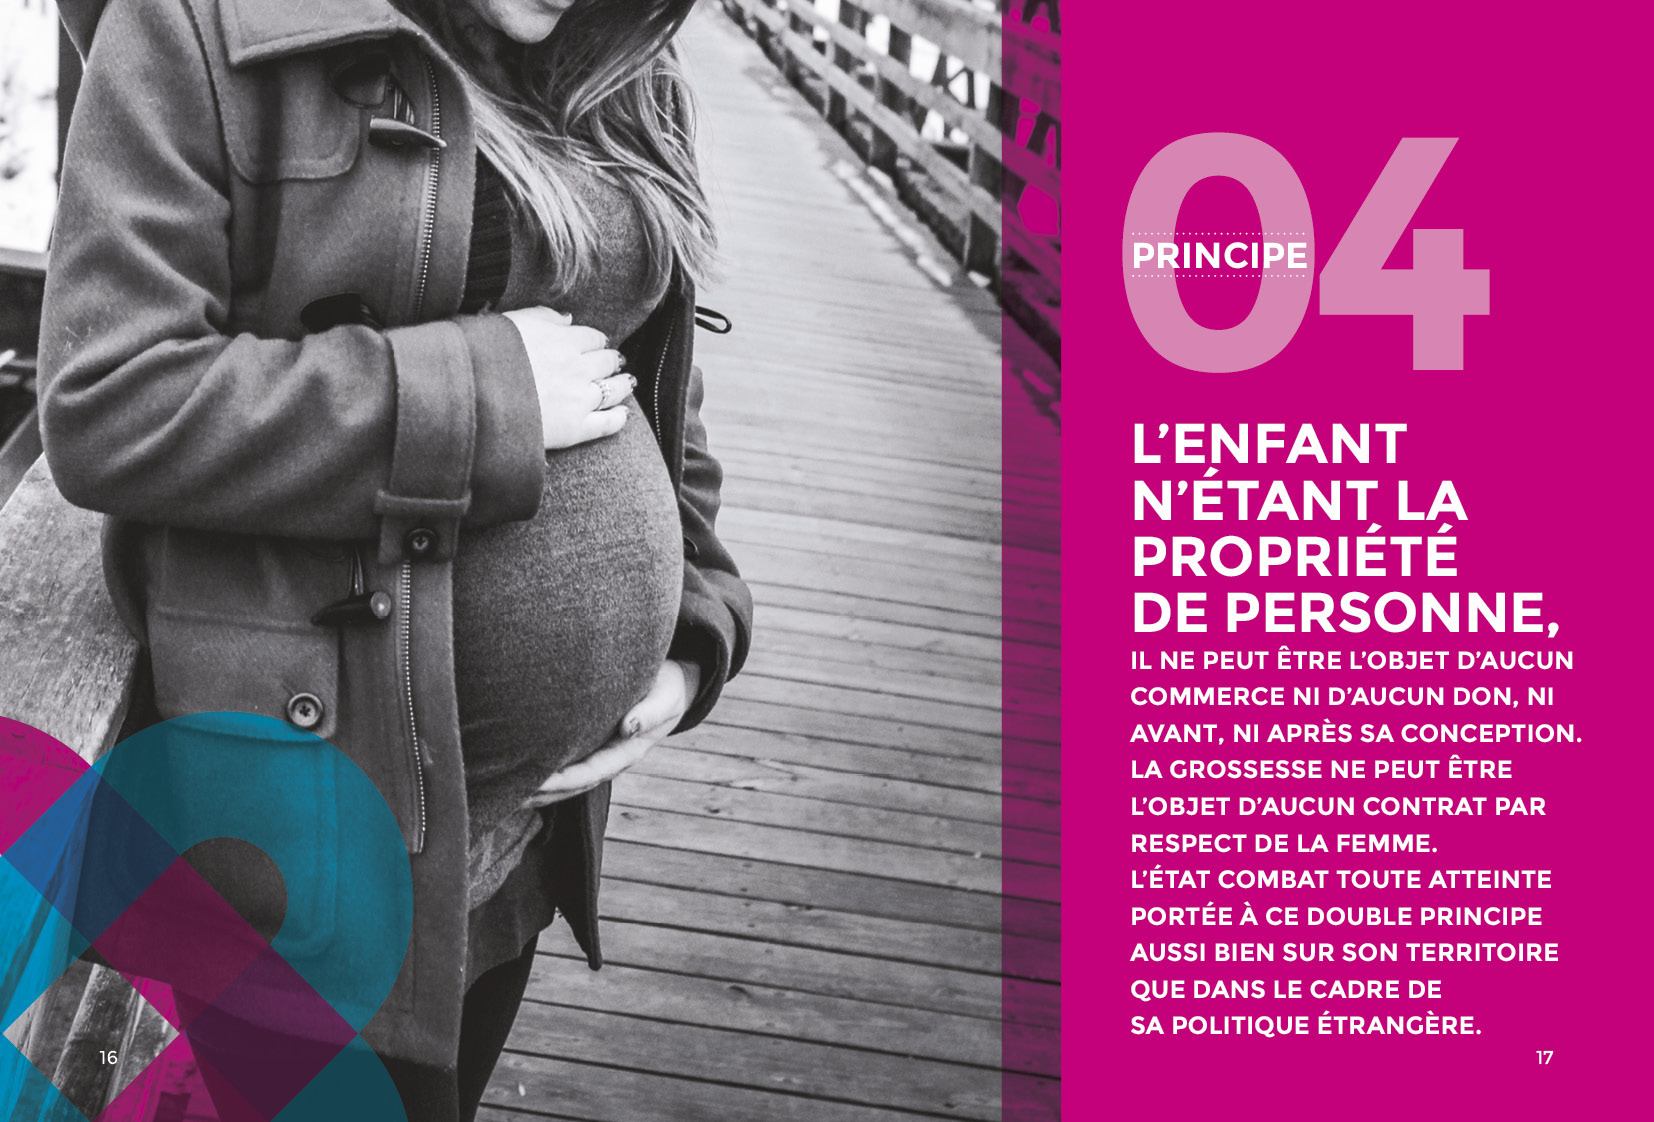 HD-Livret-Grenelle-pourweb9